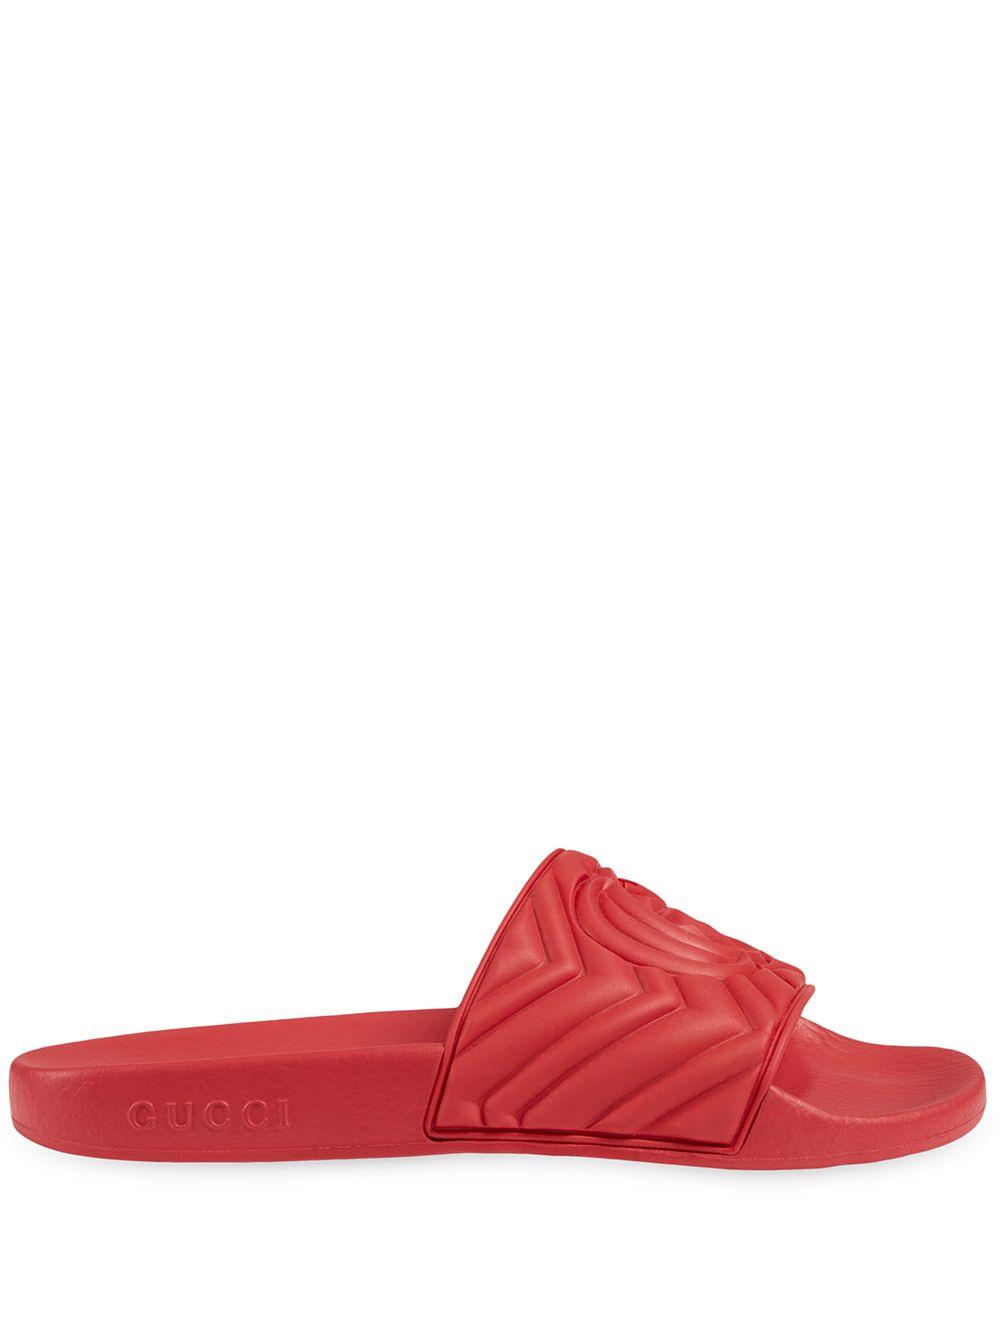 Gg Sandals